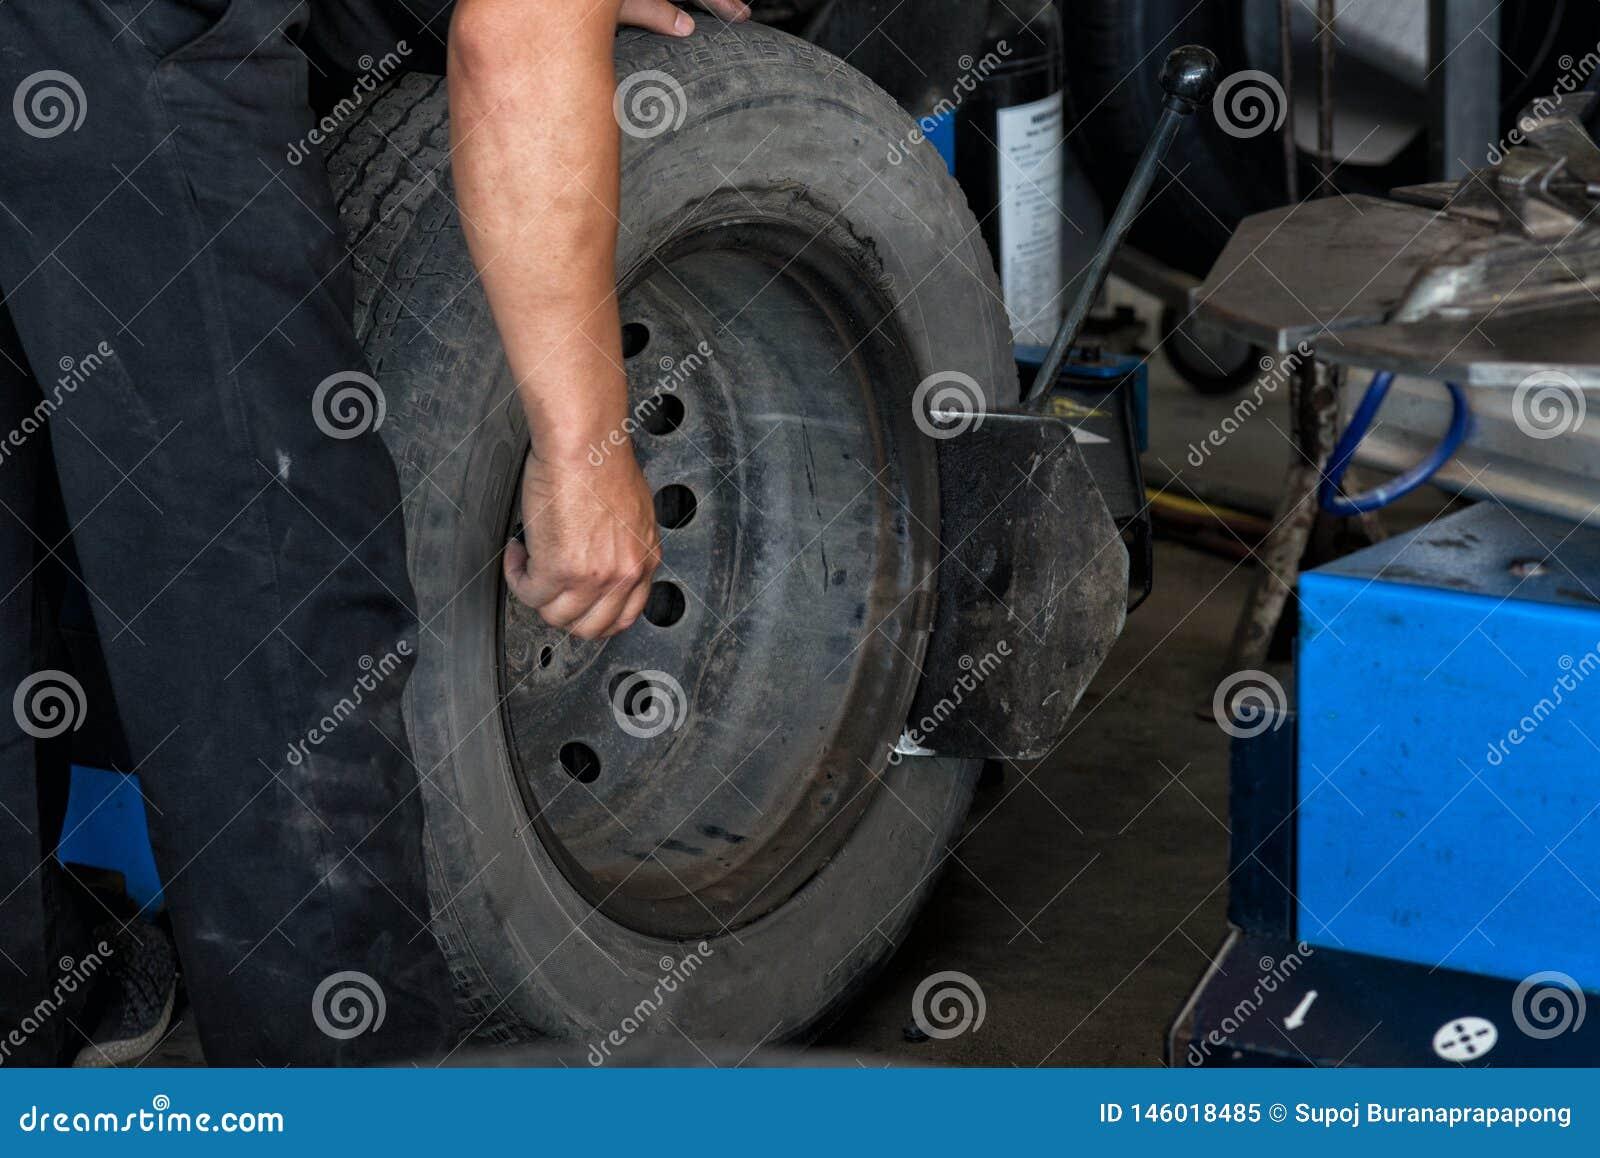 O close up da mudança do pneu, mecânico está mudando a roda de carro de equilíbrio do coordenador do pneu de carro no equilibrado